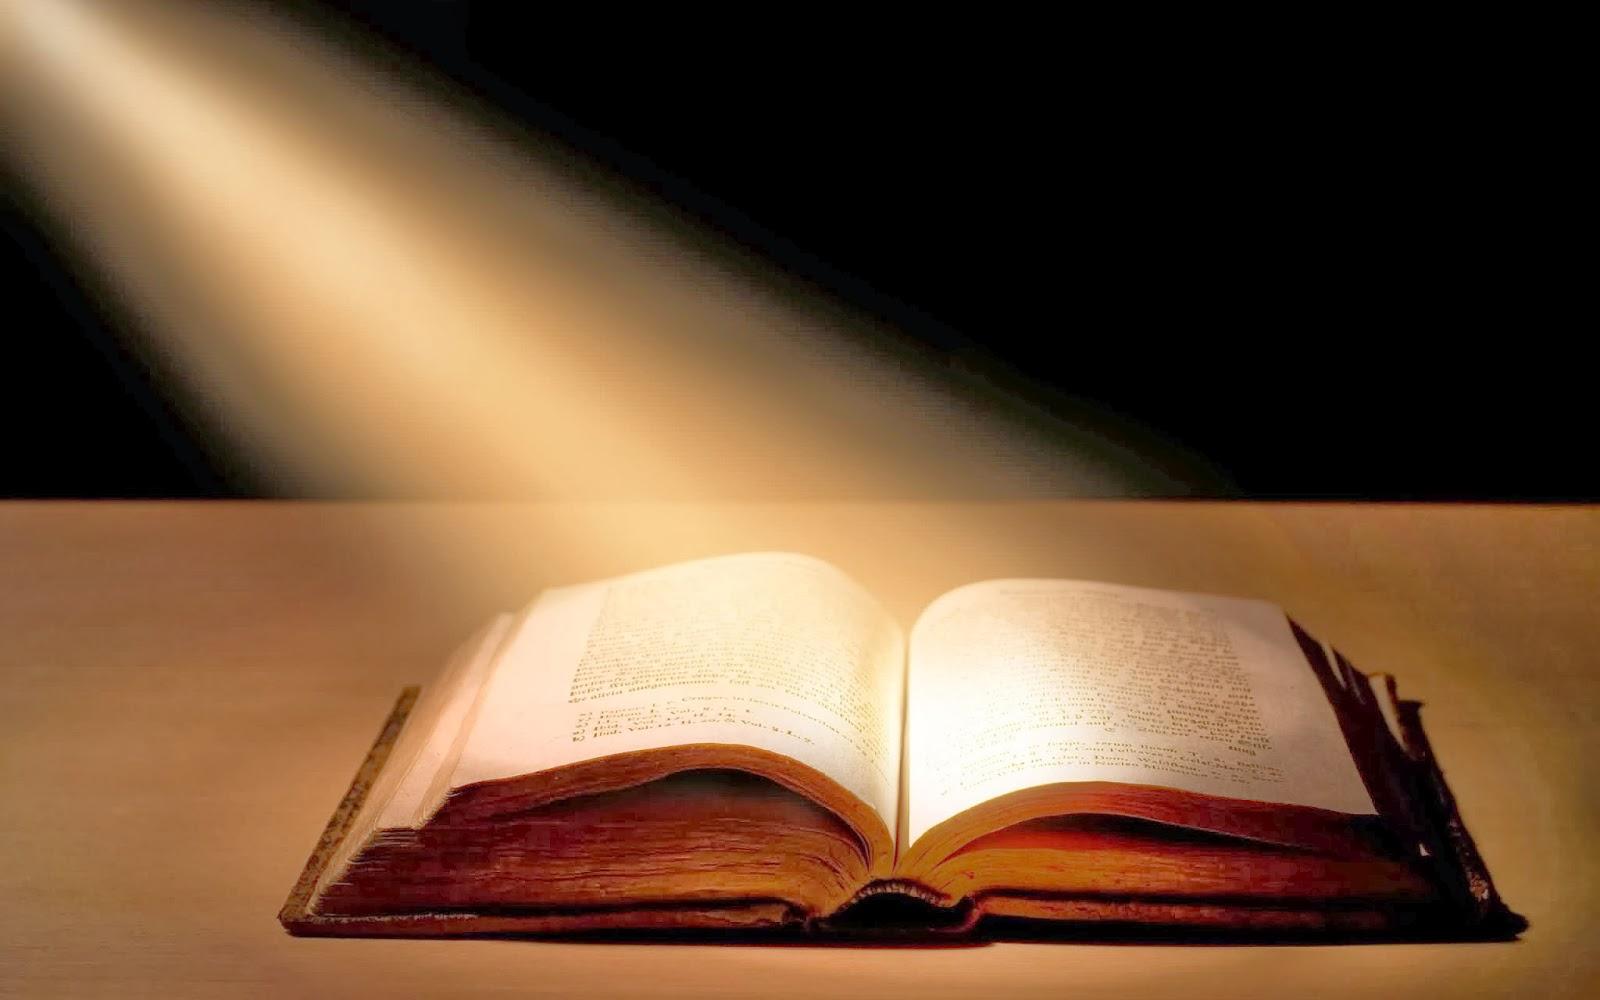 Matrimonio Sin Hijos Biblia : La doctrina básica de biblia